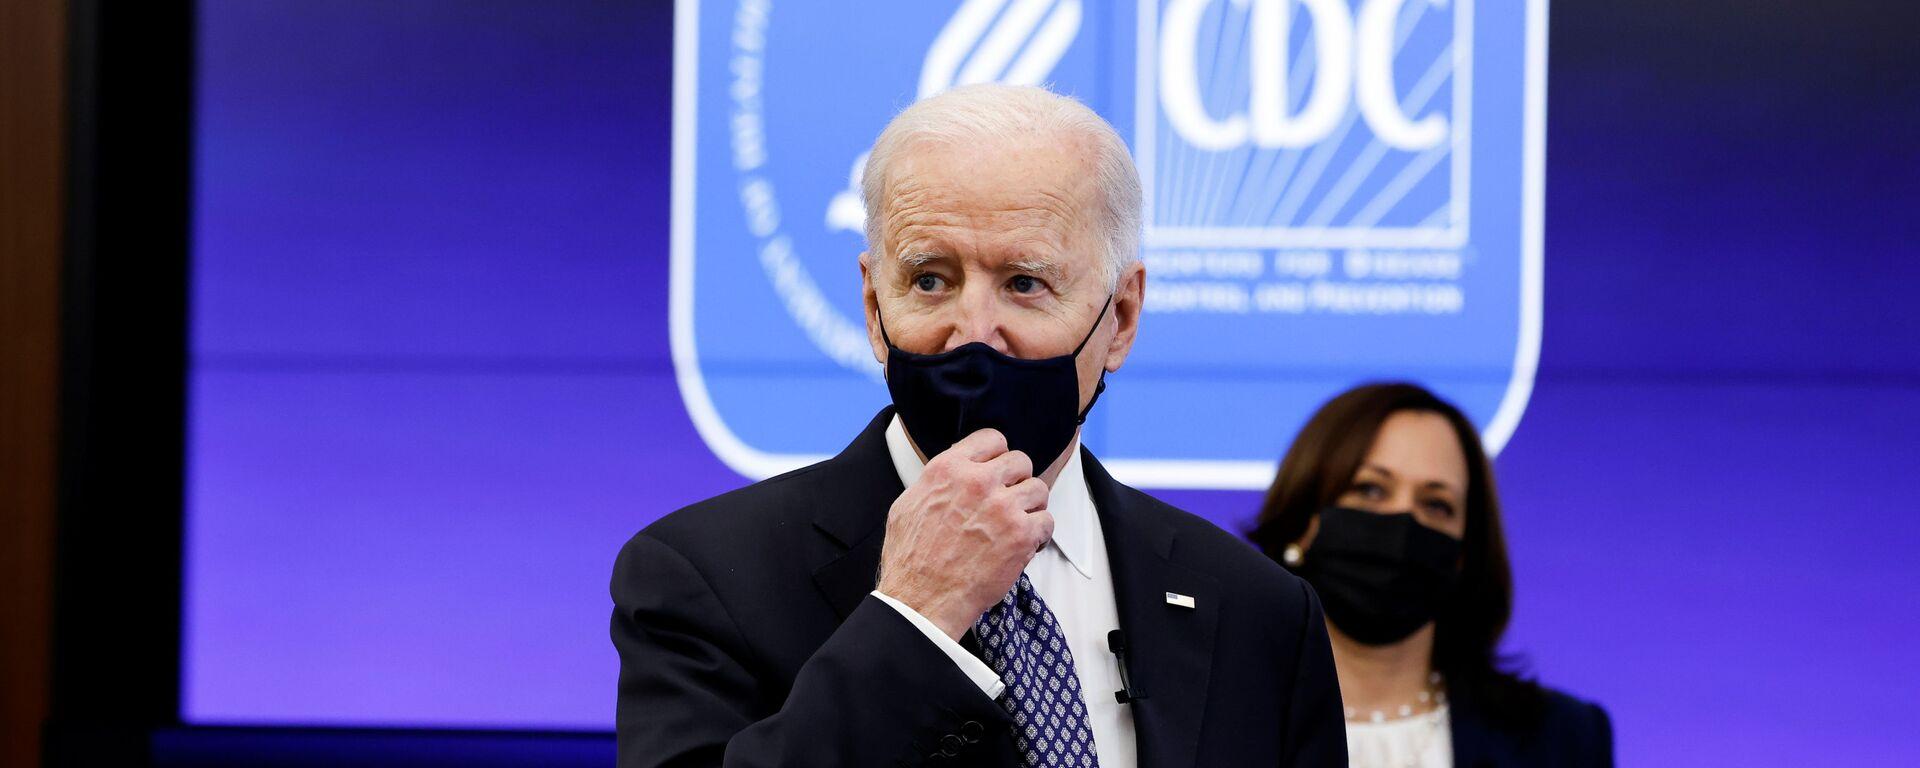 Americký prezident Joe Biden  - Sputnik Česká republika, 1920, 27.03.2021